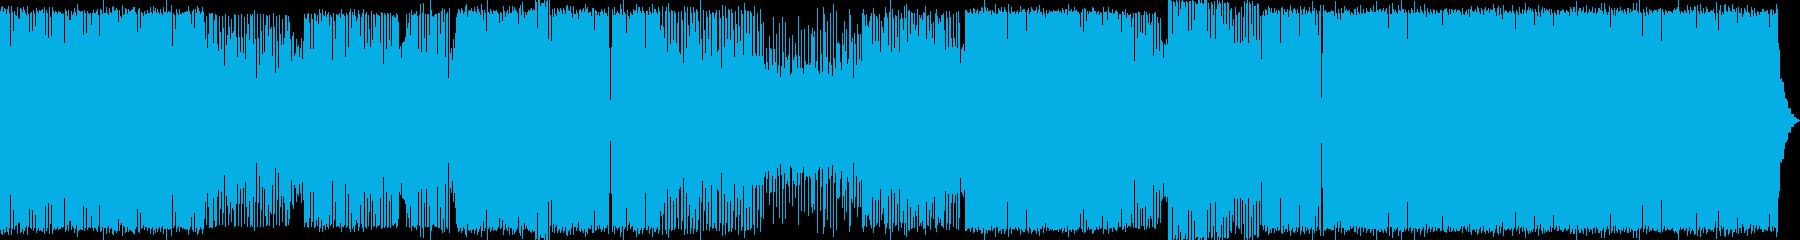 派手!超アゲアゲのハードなEDMの再生済みの波形